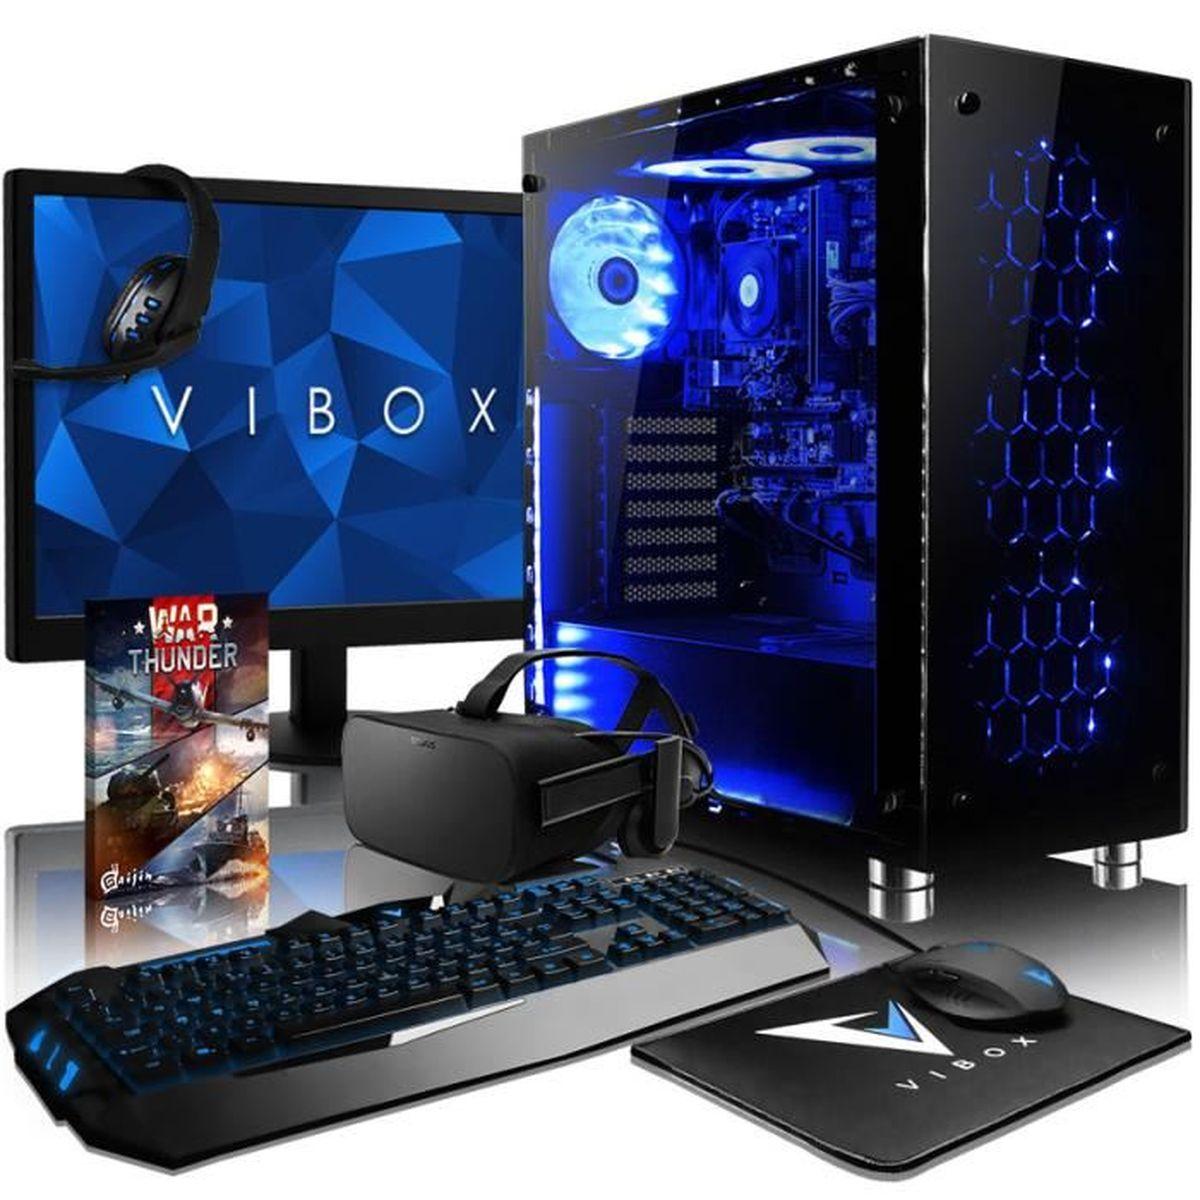 UNITÉ CENTRALE + ÉCRAN VIBOX Nebula VGR770T-53 VR PC Gamer avec Oculus Ri